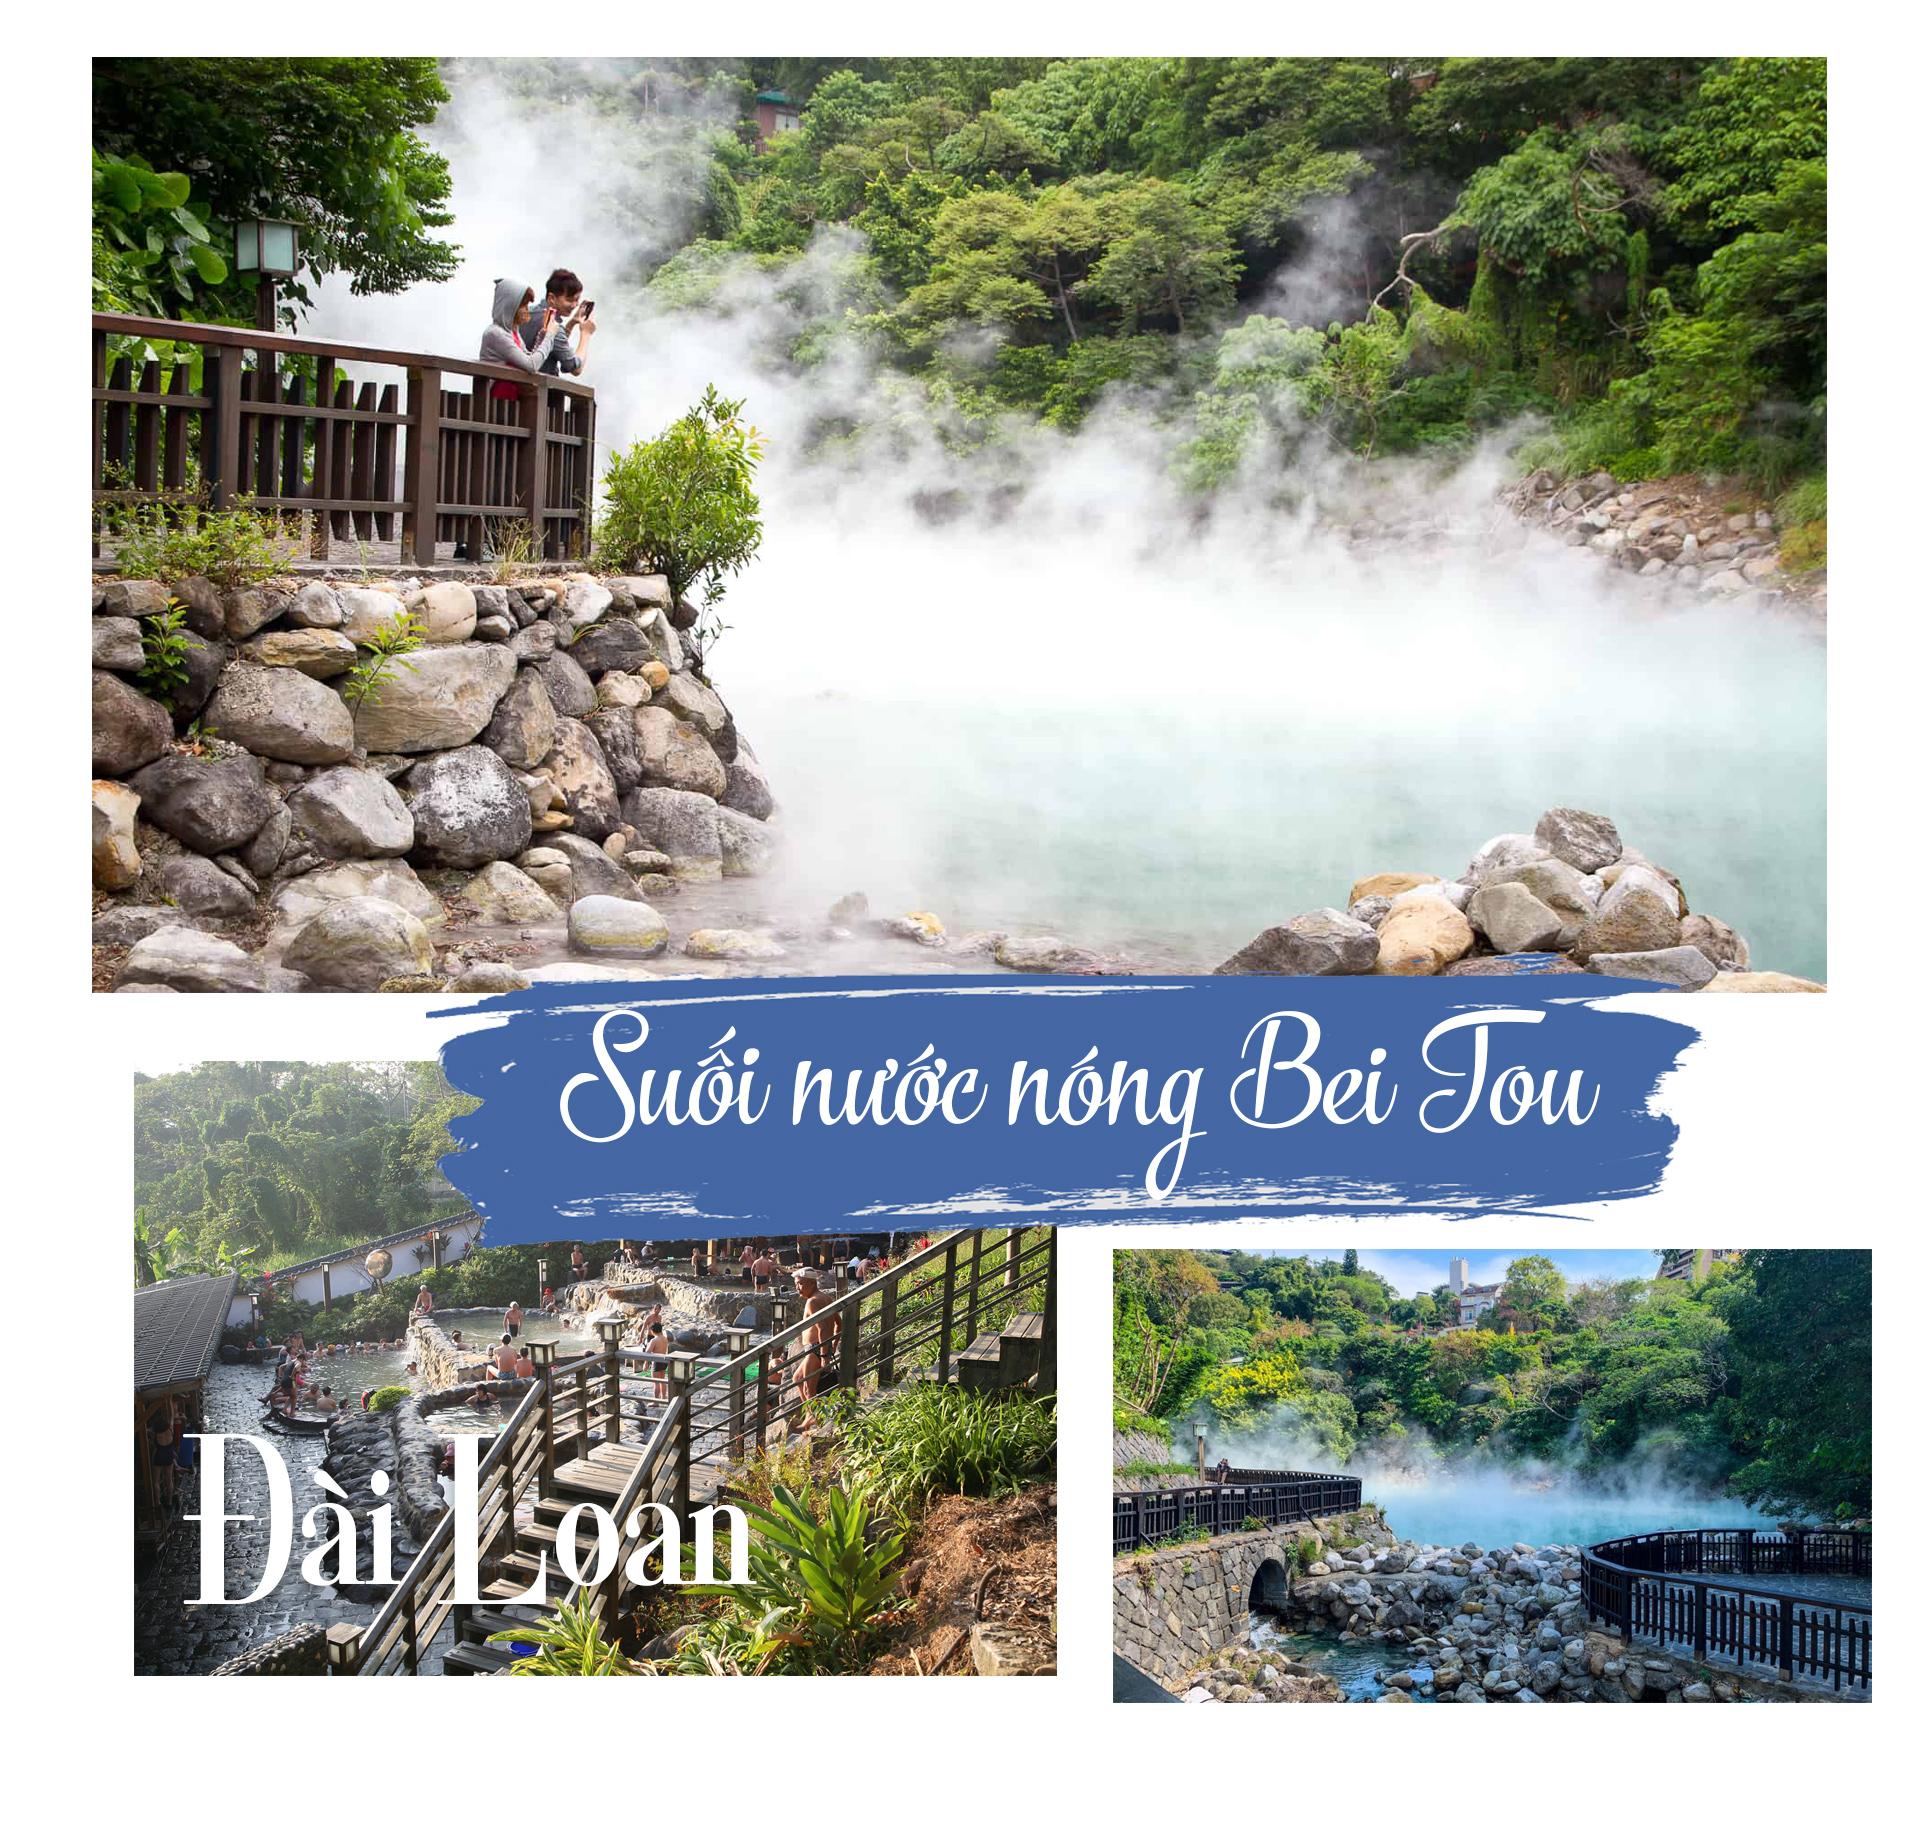 Những điểm đến đẹp nhất châu Á, bạn không thể bỏ qua - 9